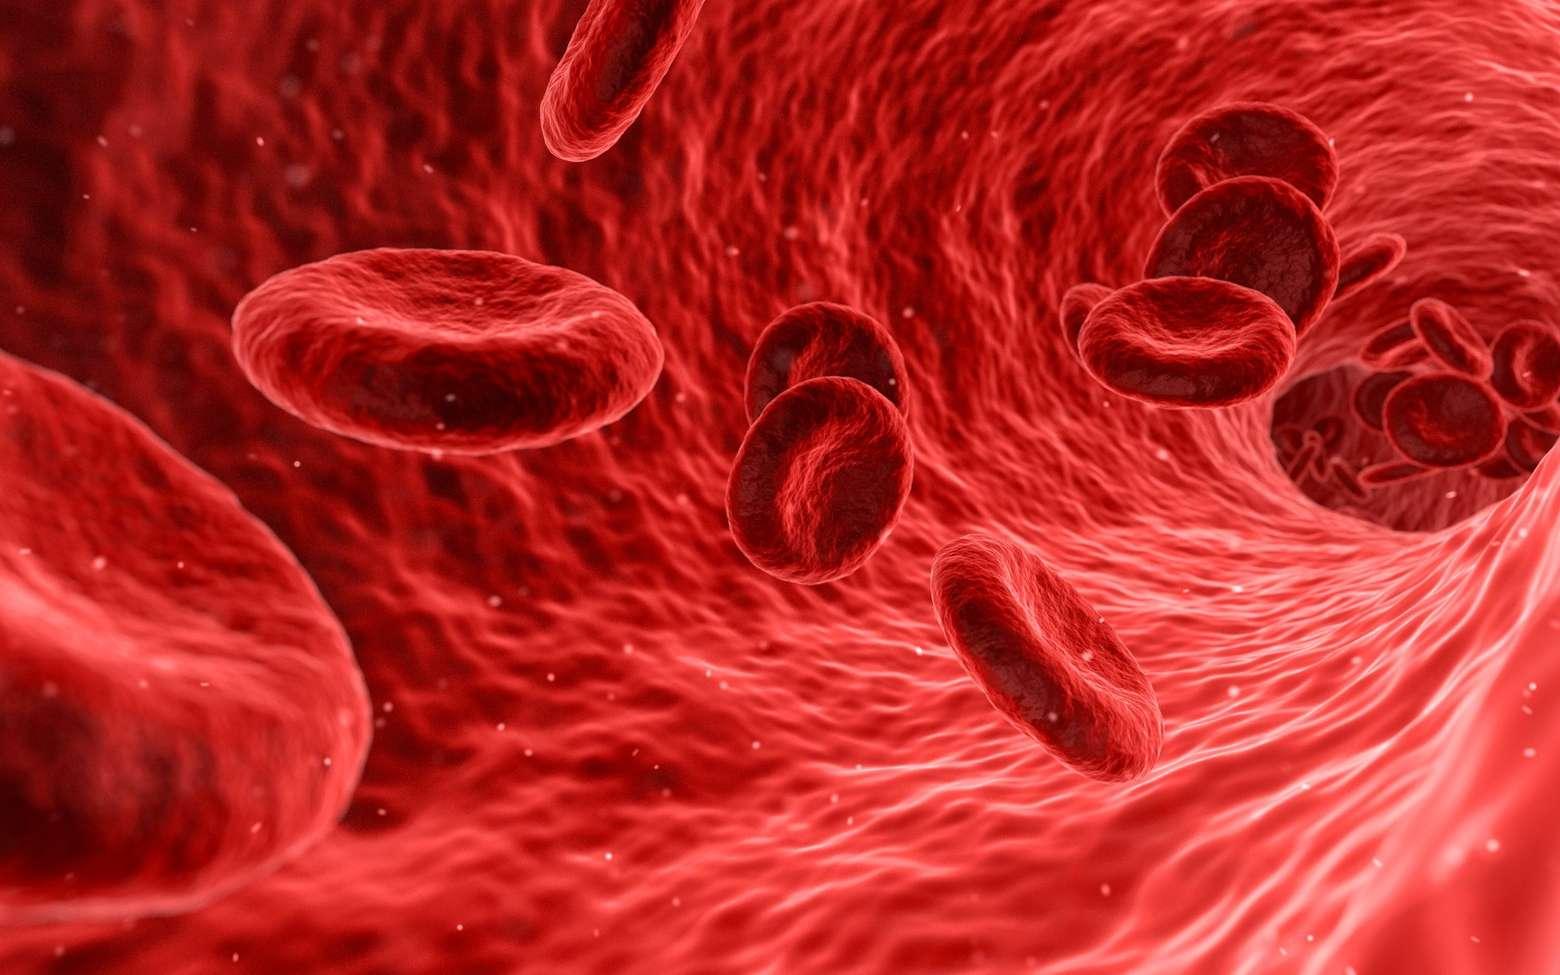 Ce que vous mangez et votre microbiome intestinal déterminent vos marqueurs sanguins. © Francis Bonami, Fotolia